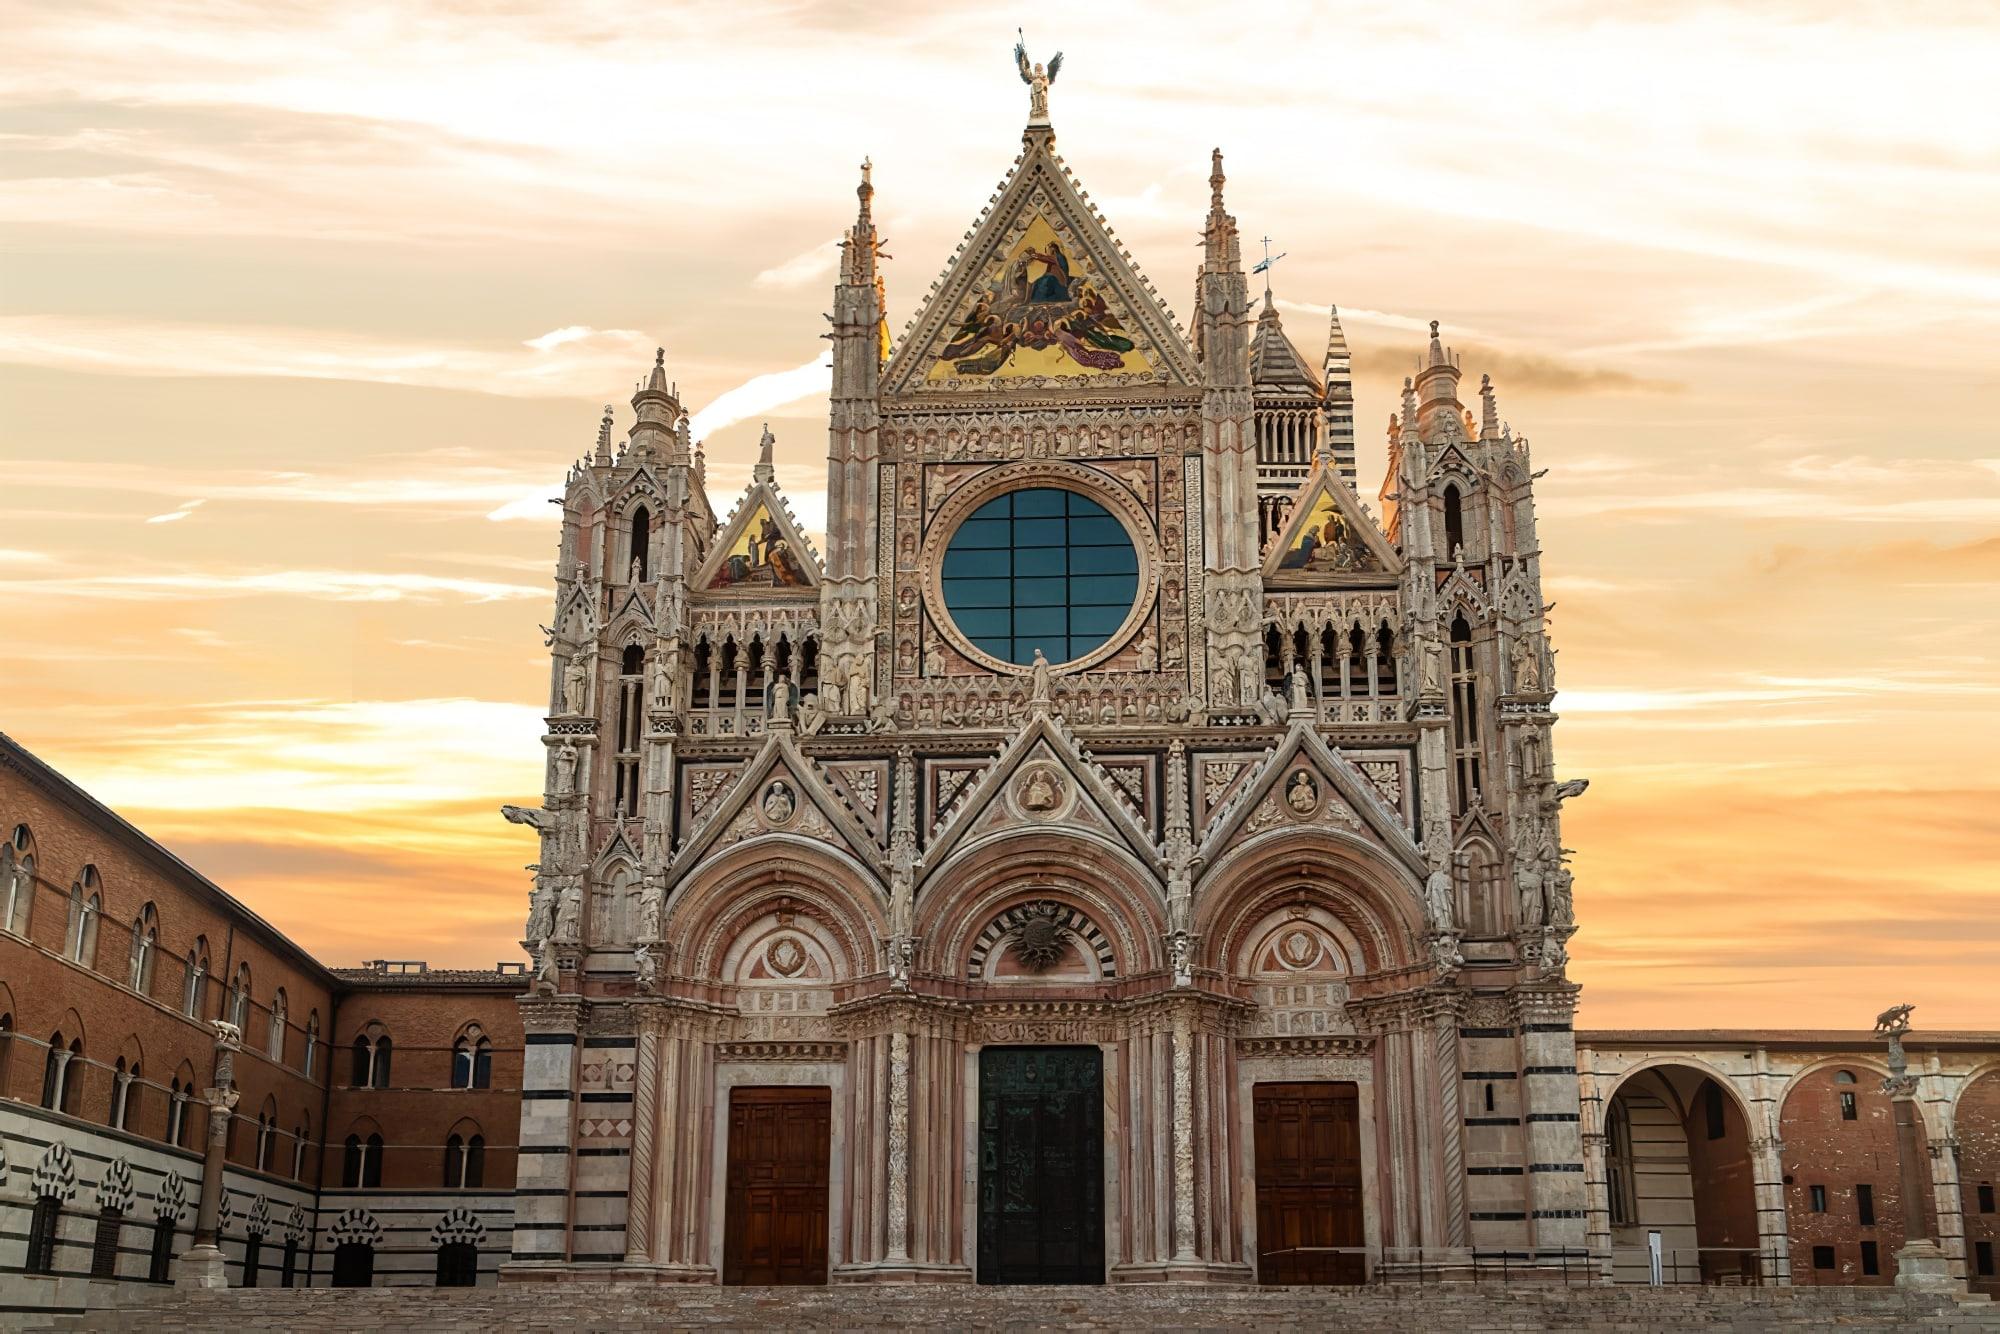 Visiter la cathédrale de Sienne